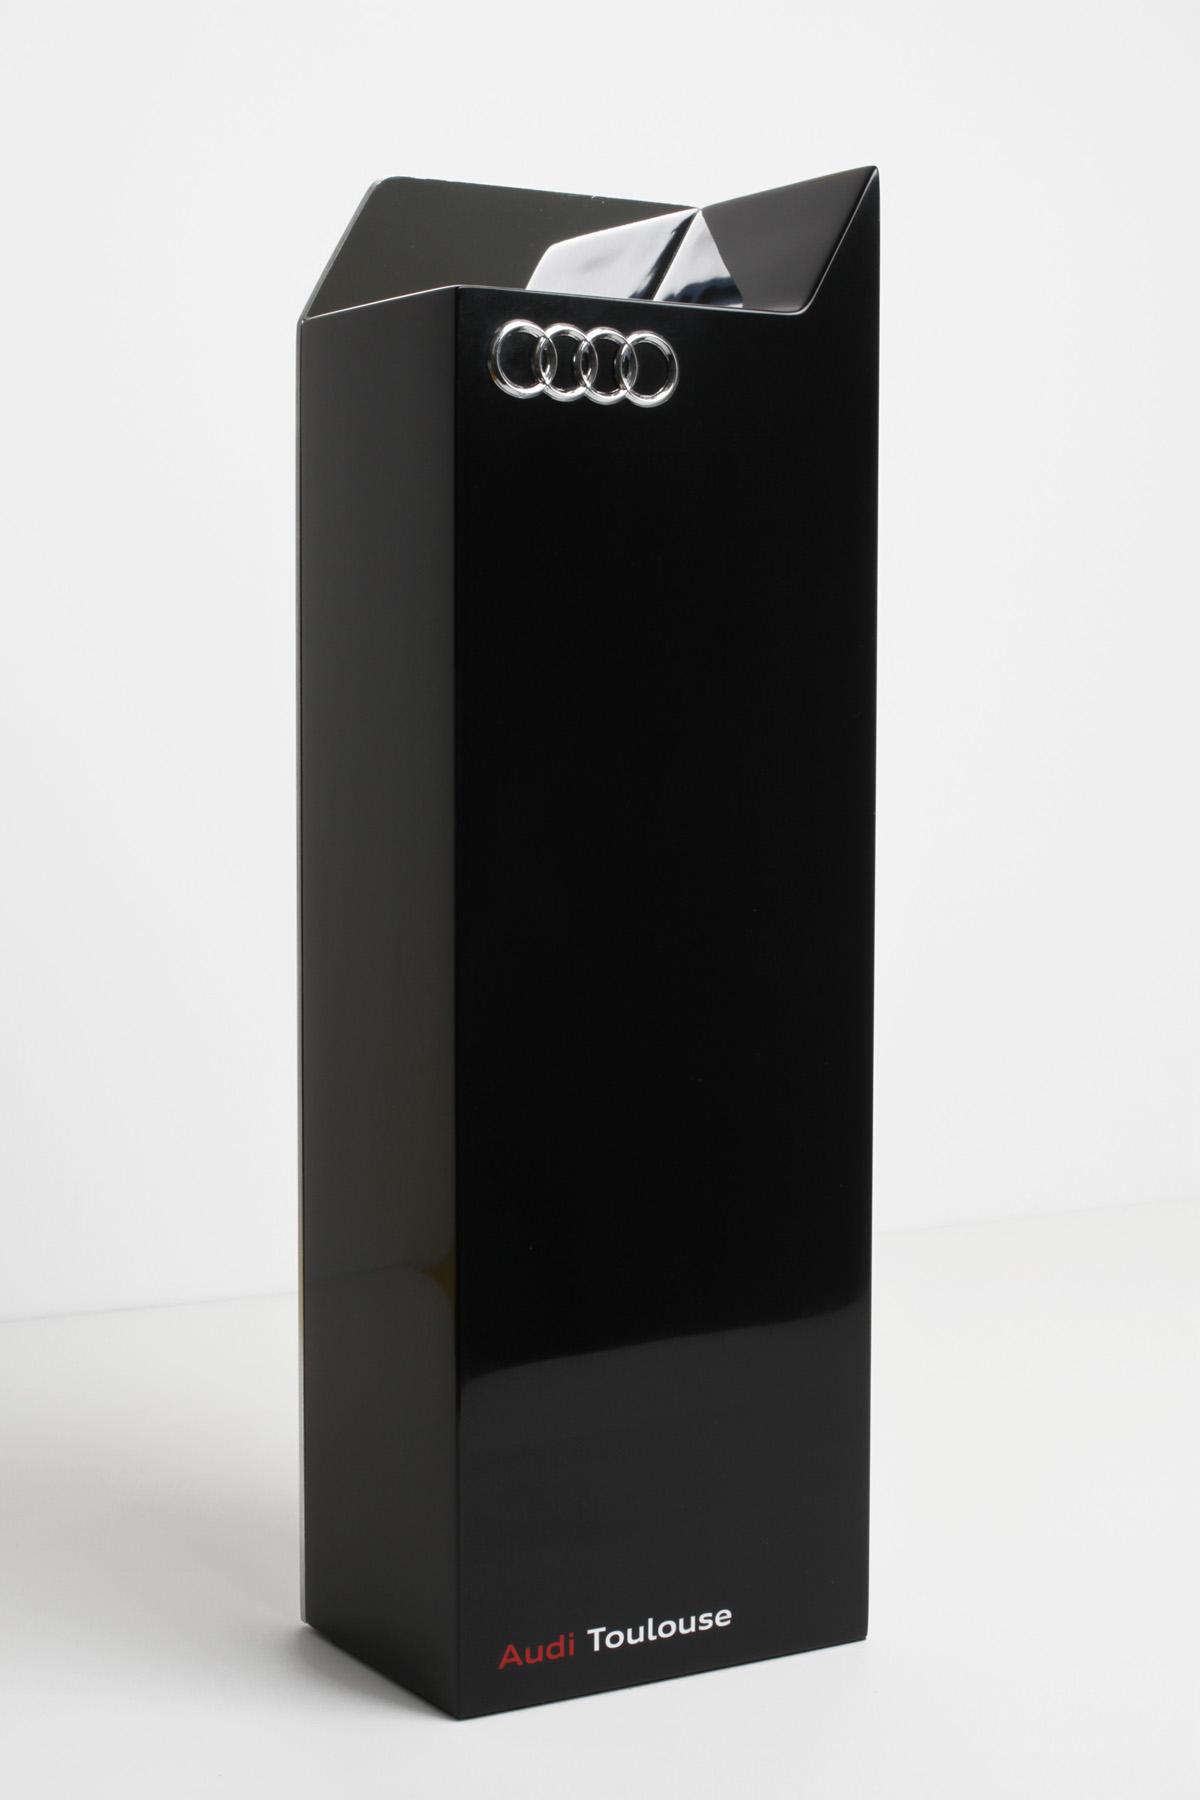 Trophée Audi1 fabrication architecture logos vernis Léa Longis design sur-mesure Agence MAJOTIK